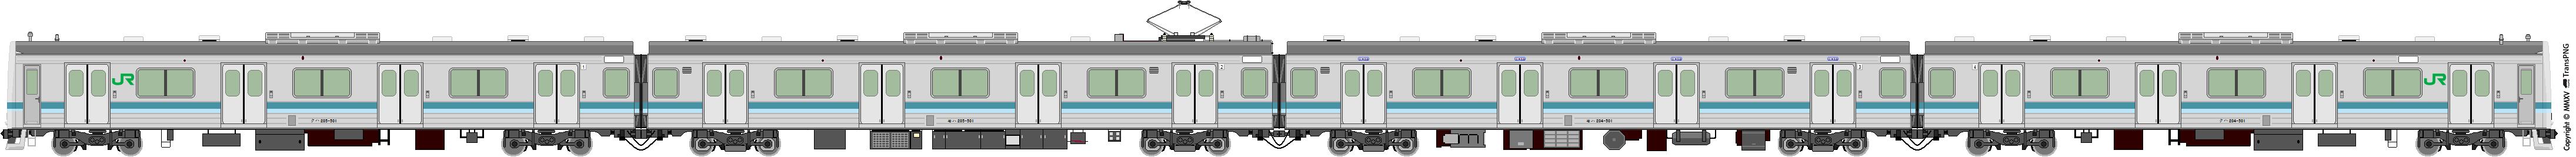 鐵路列車 5567